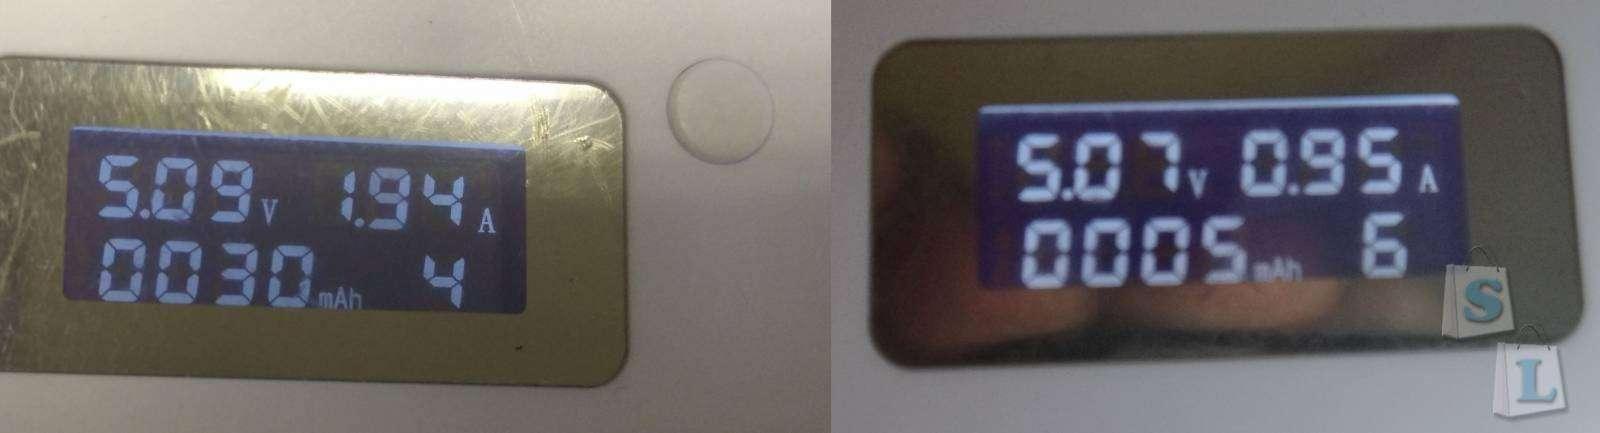 GearBest: Полезные мелочи в авто, колпачки на нипеля индикатор давления и USB зарядное 3А в прикуриватель